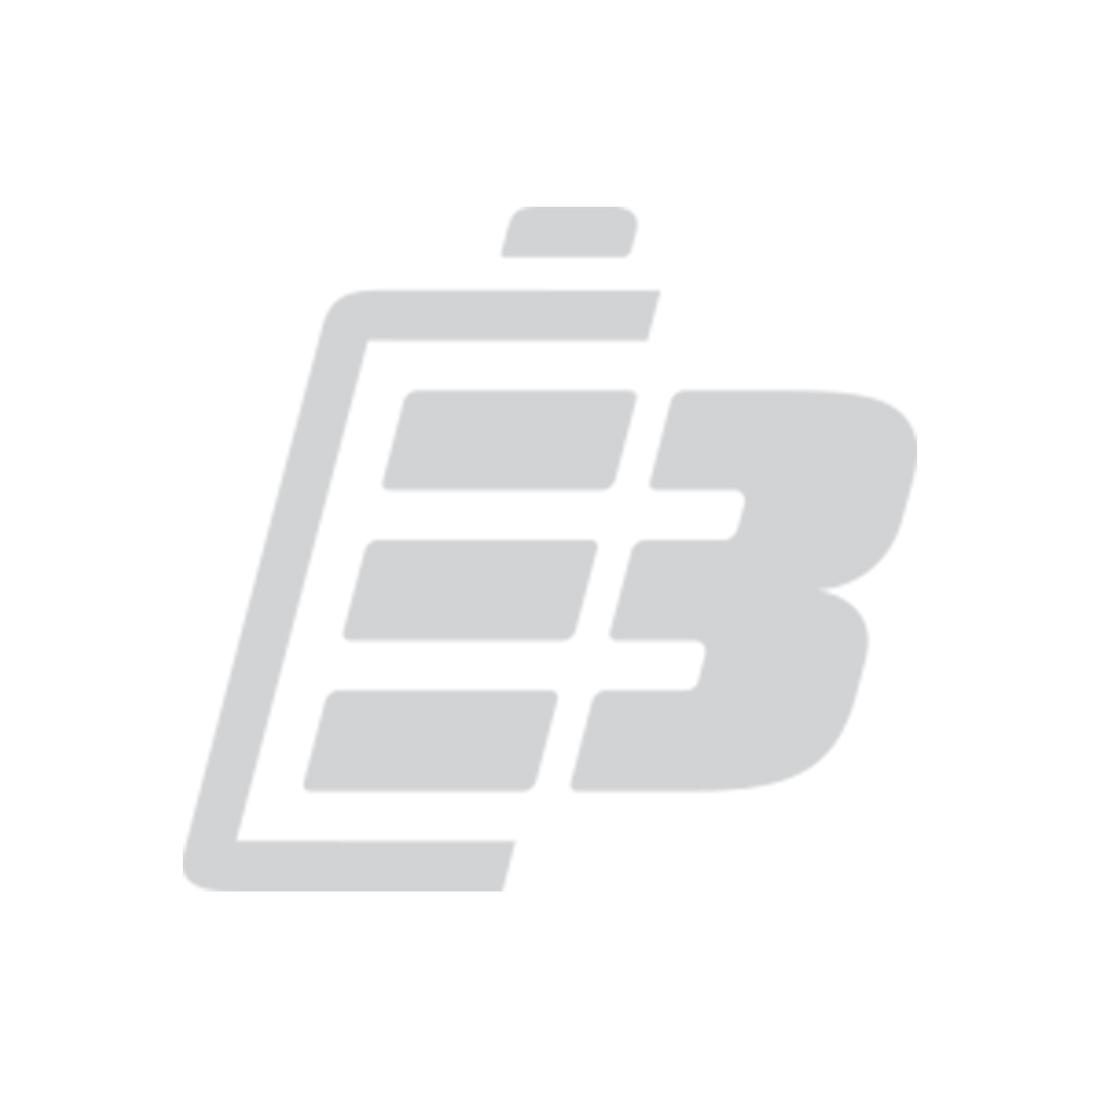 Μπαταρία ηλεκτρικού εργαλείου Black & Decker 18V 1.5Ah Li_1